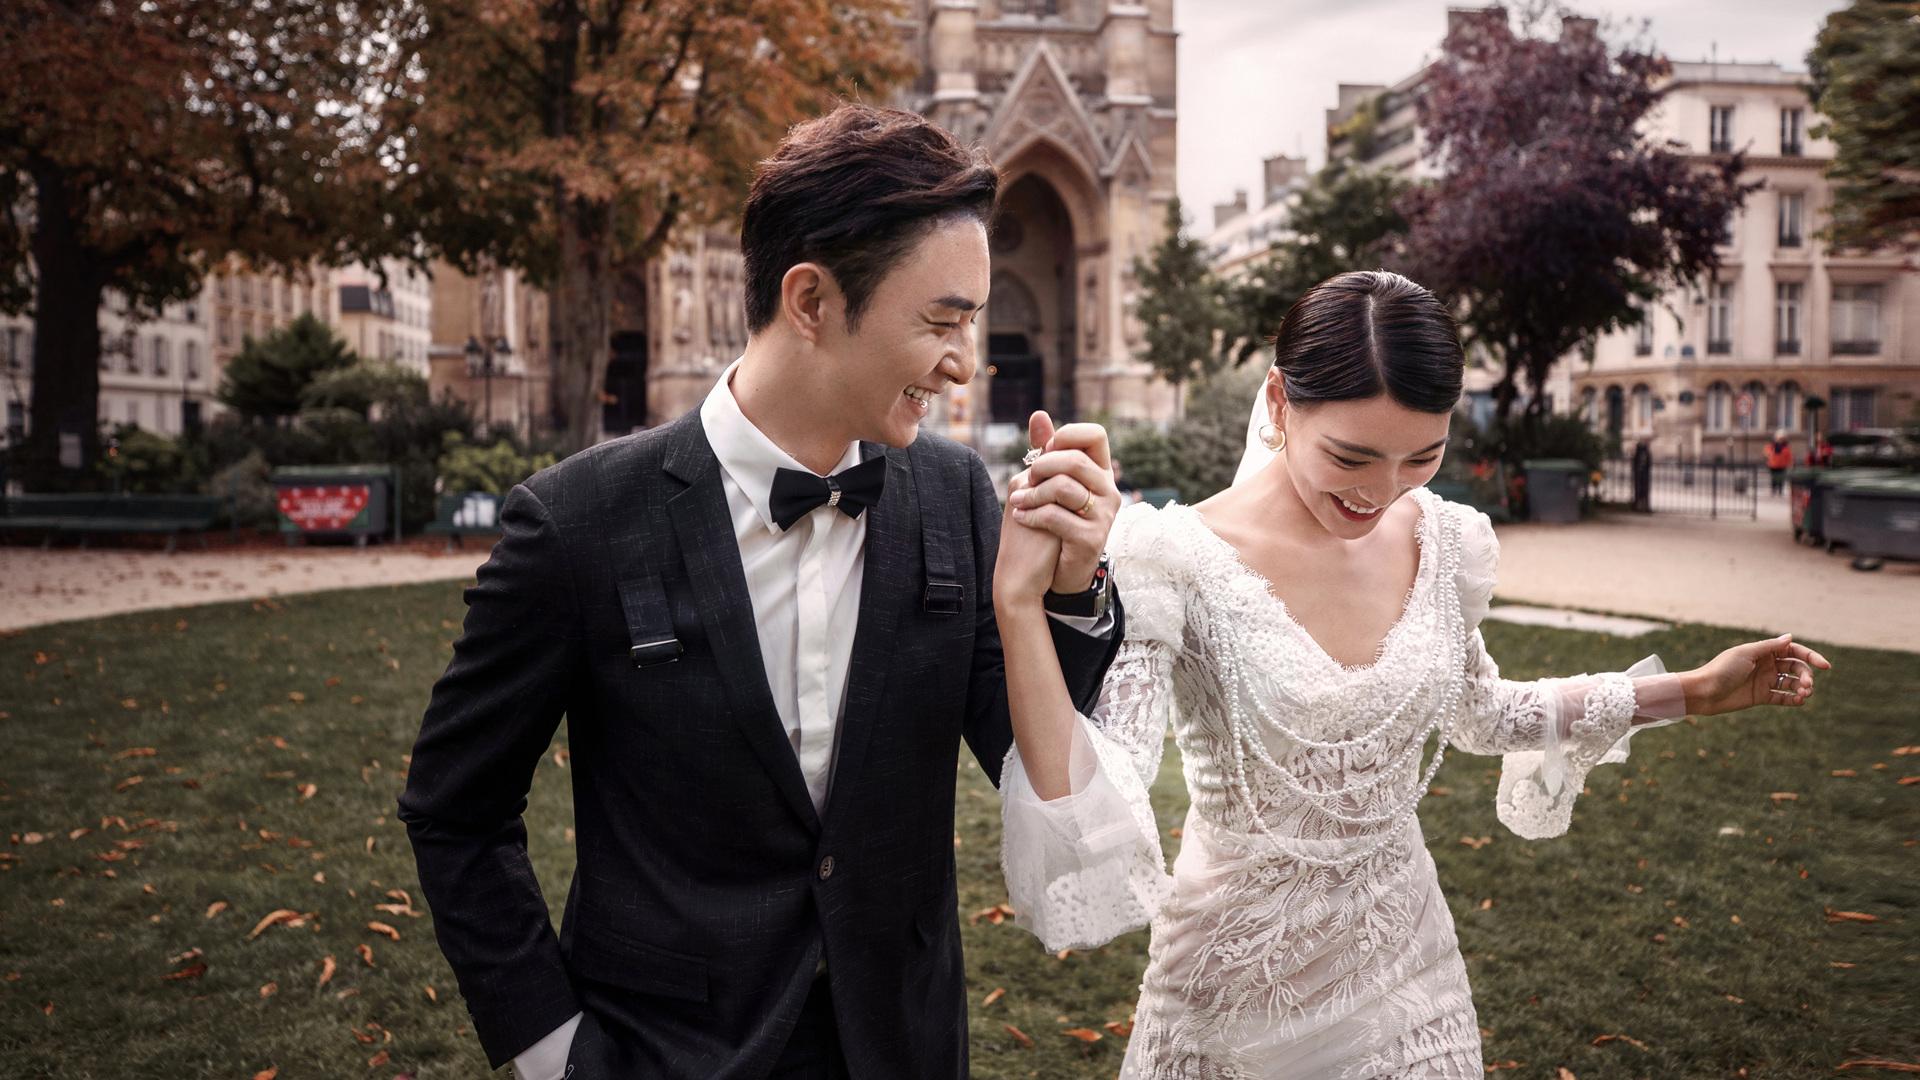 外景婚纱摄影价格是多少?外景婚纱如何摆姿势